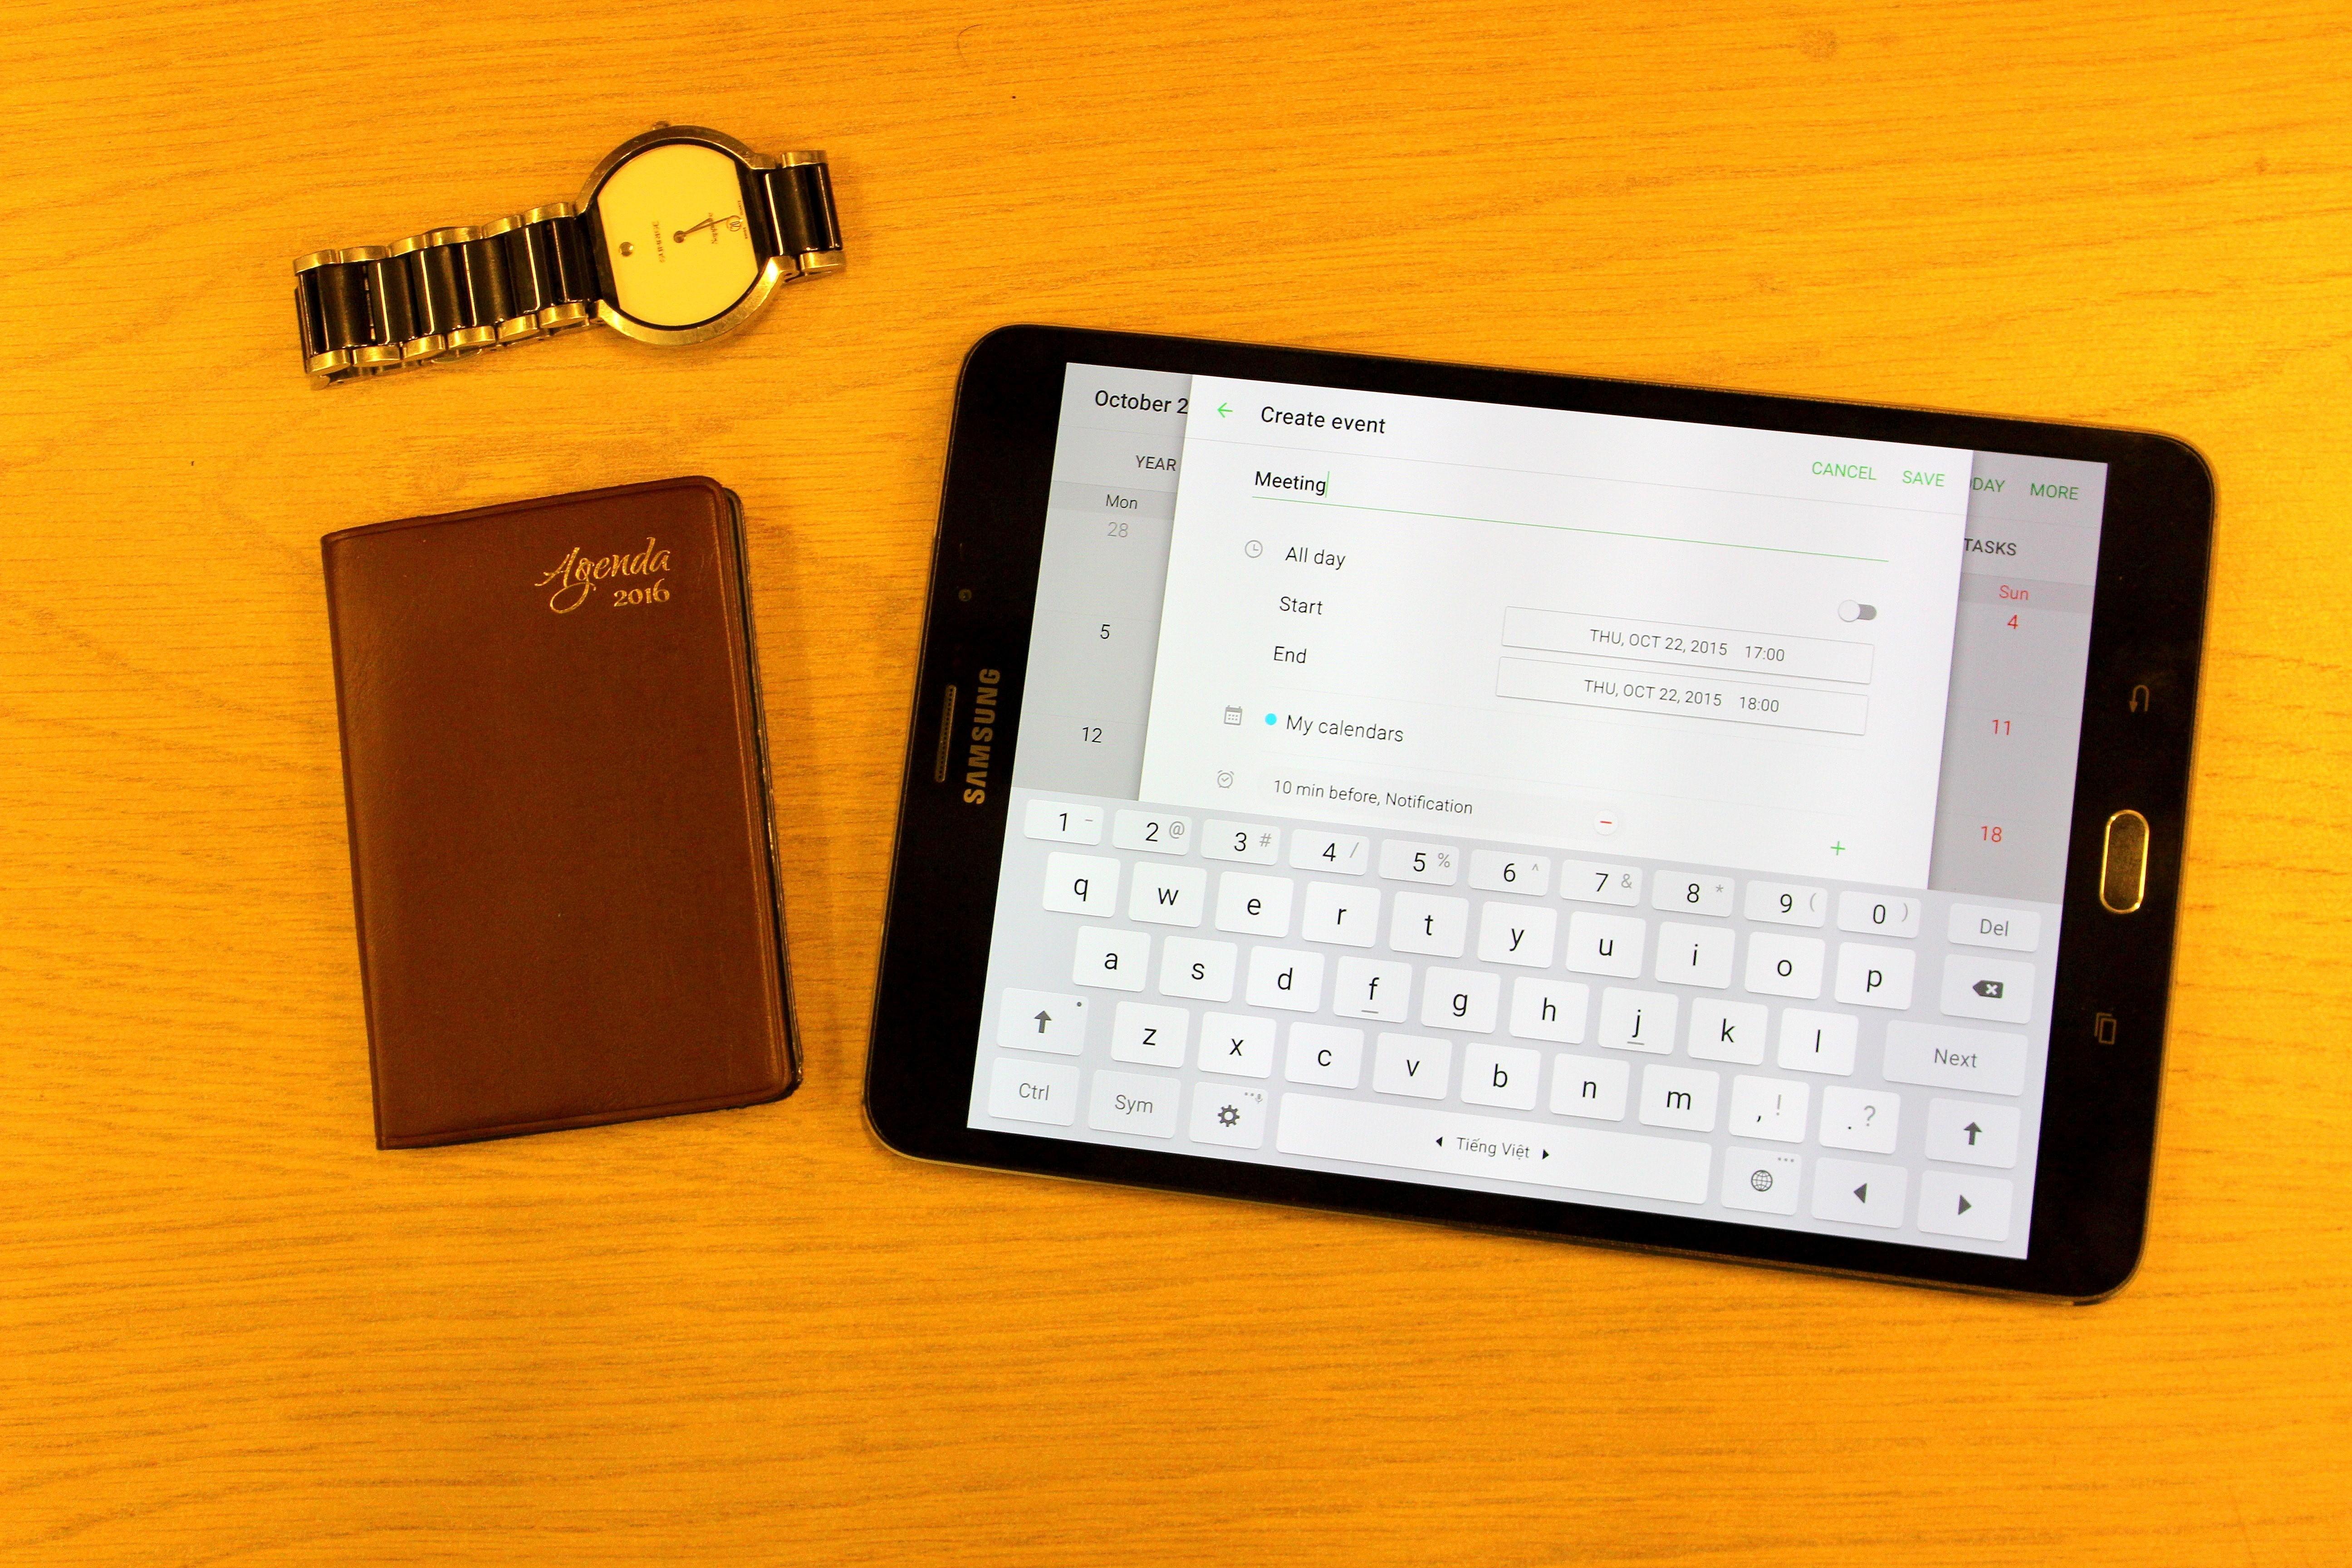 Samsung Galaxy Tab S2 sang trọng cùng phụ kiện